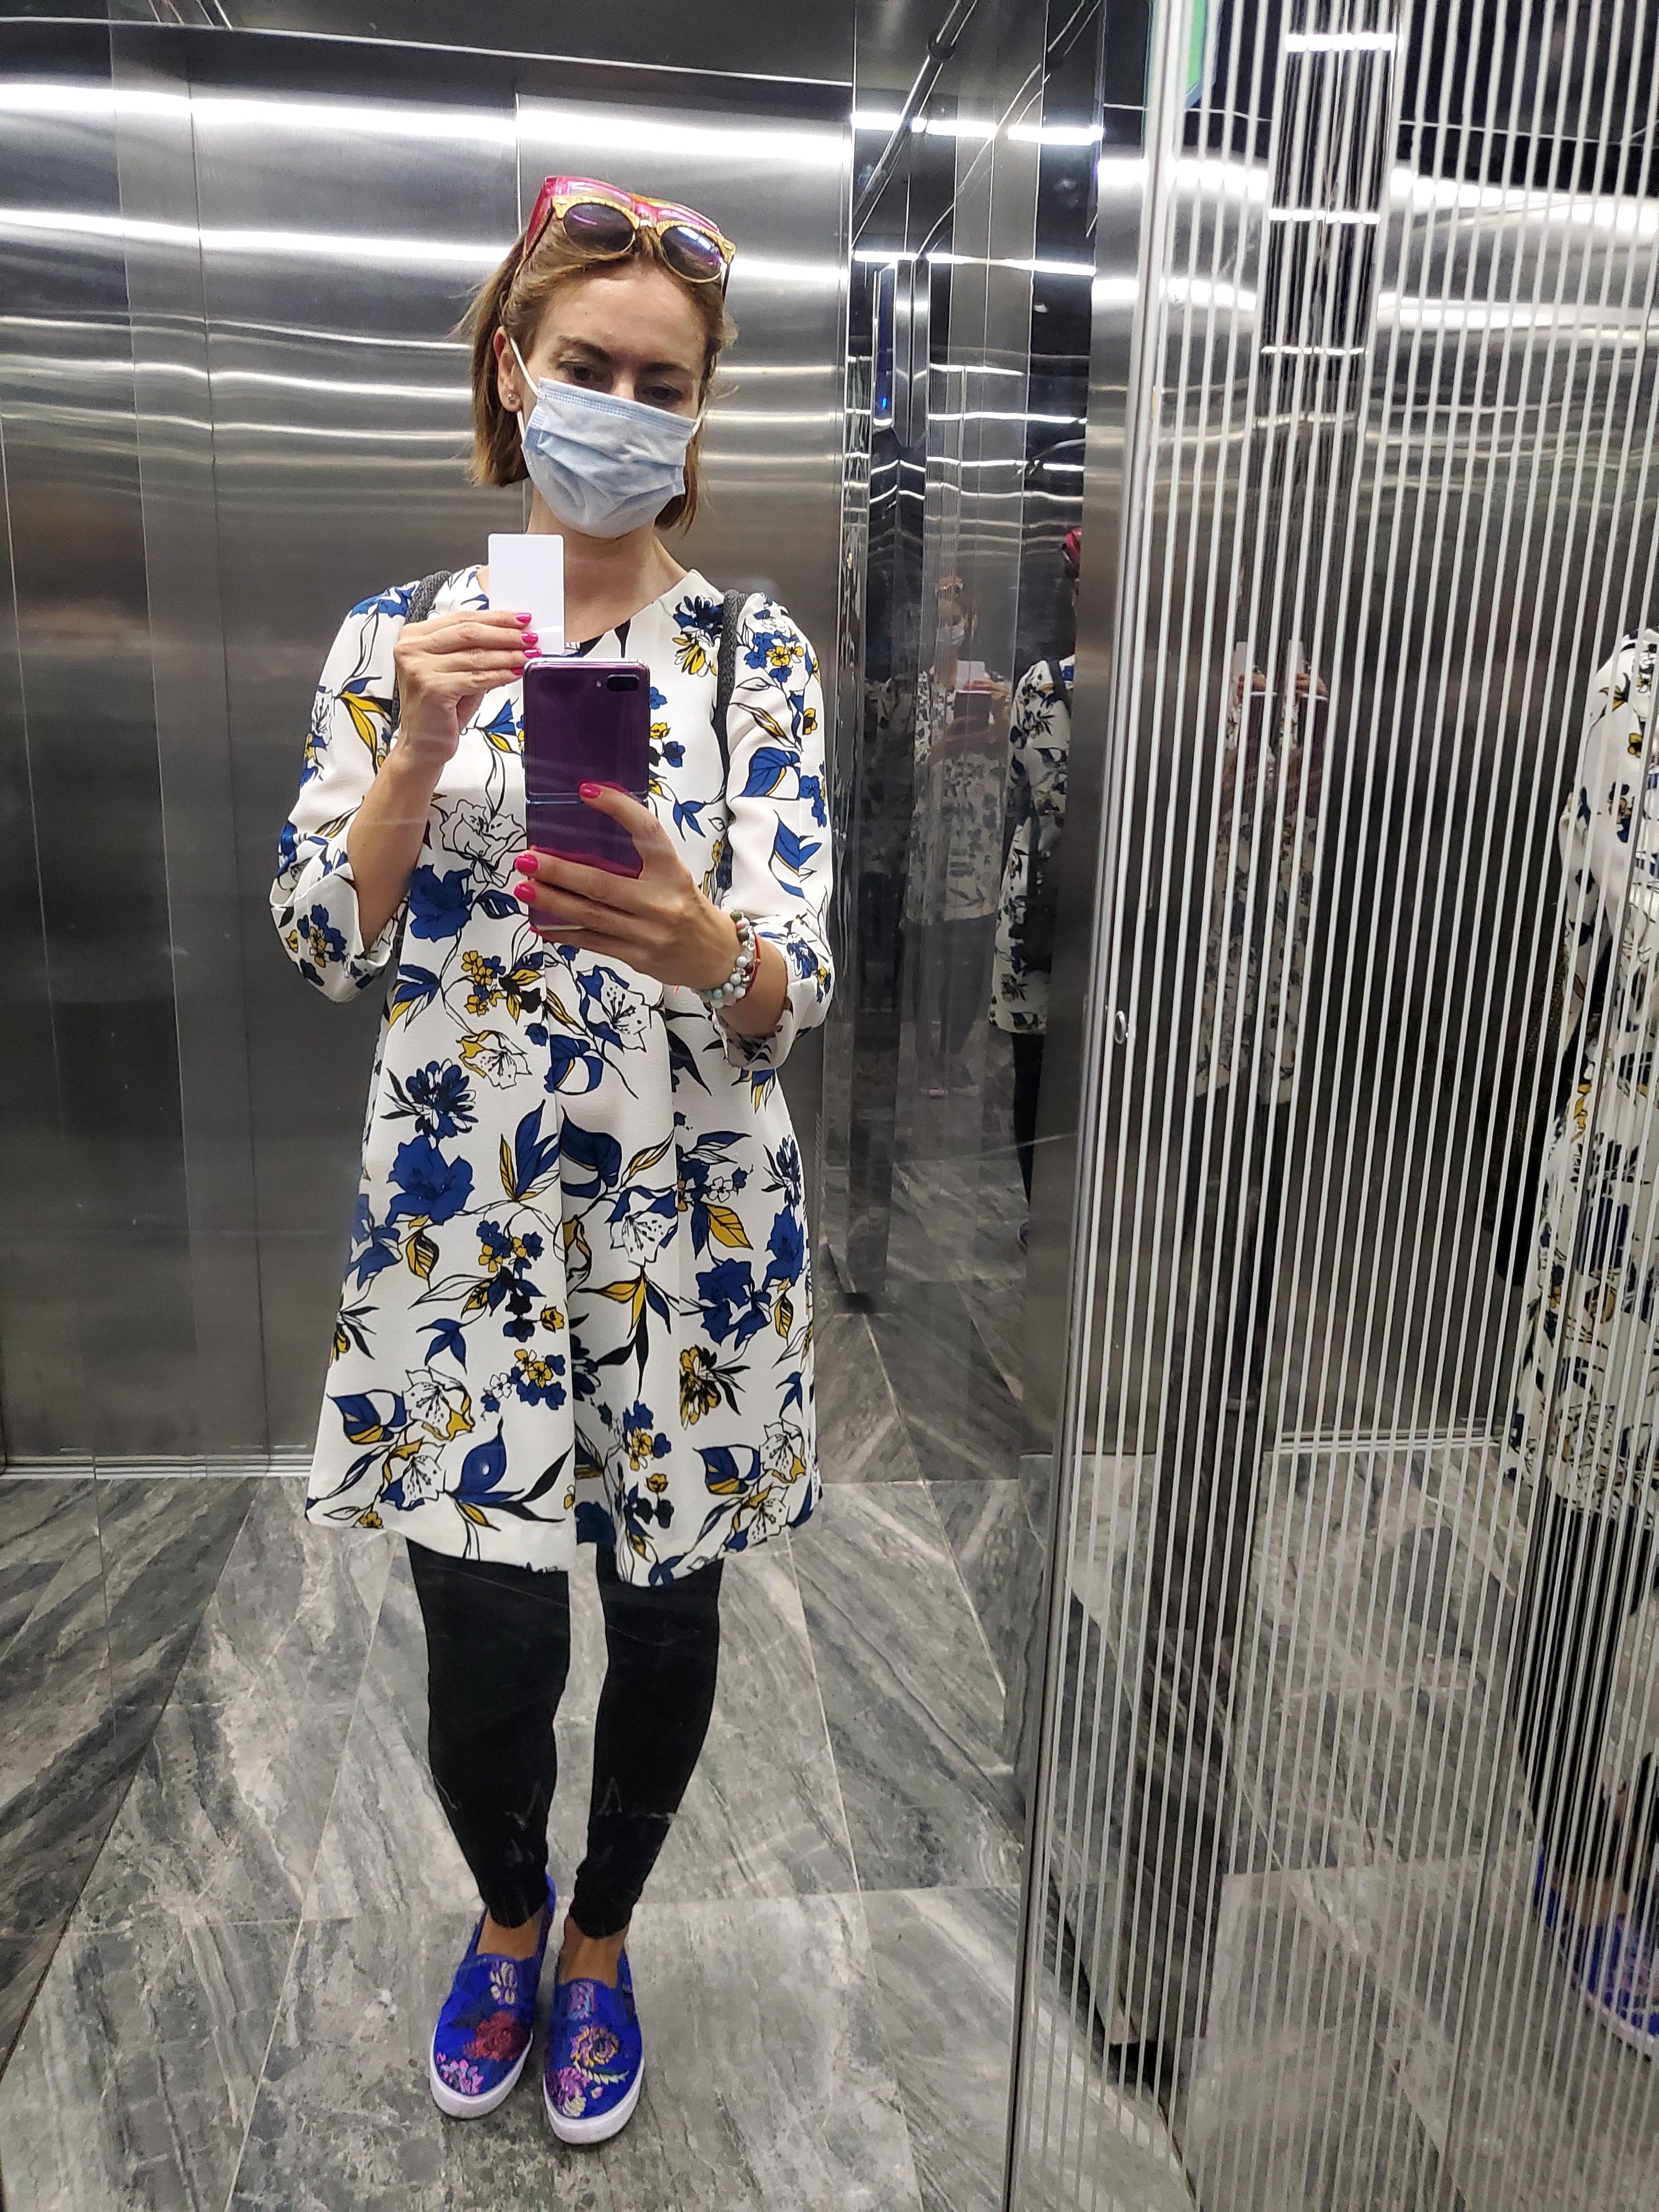 A lift is igazán high-tech, a beteg már ettől jobban érzi magát szerintem